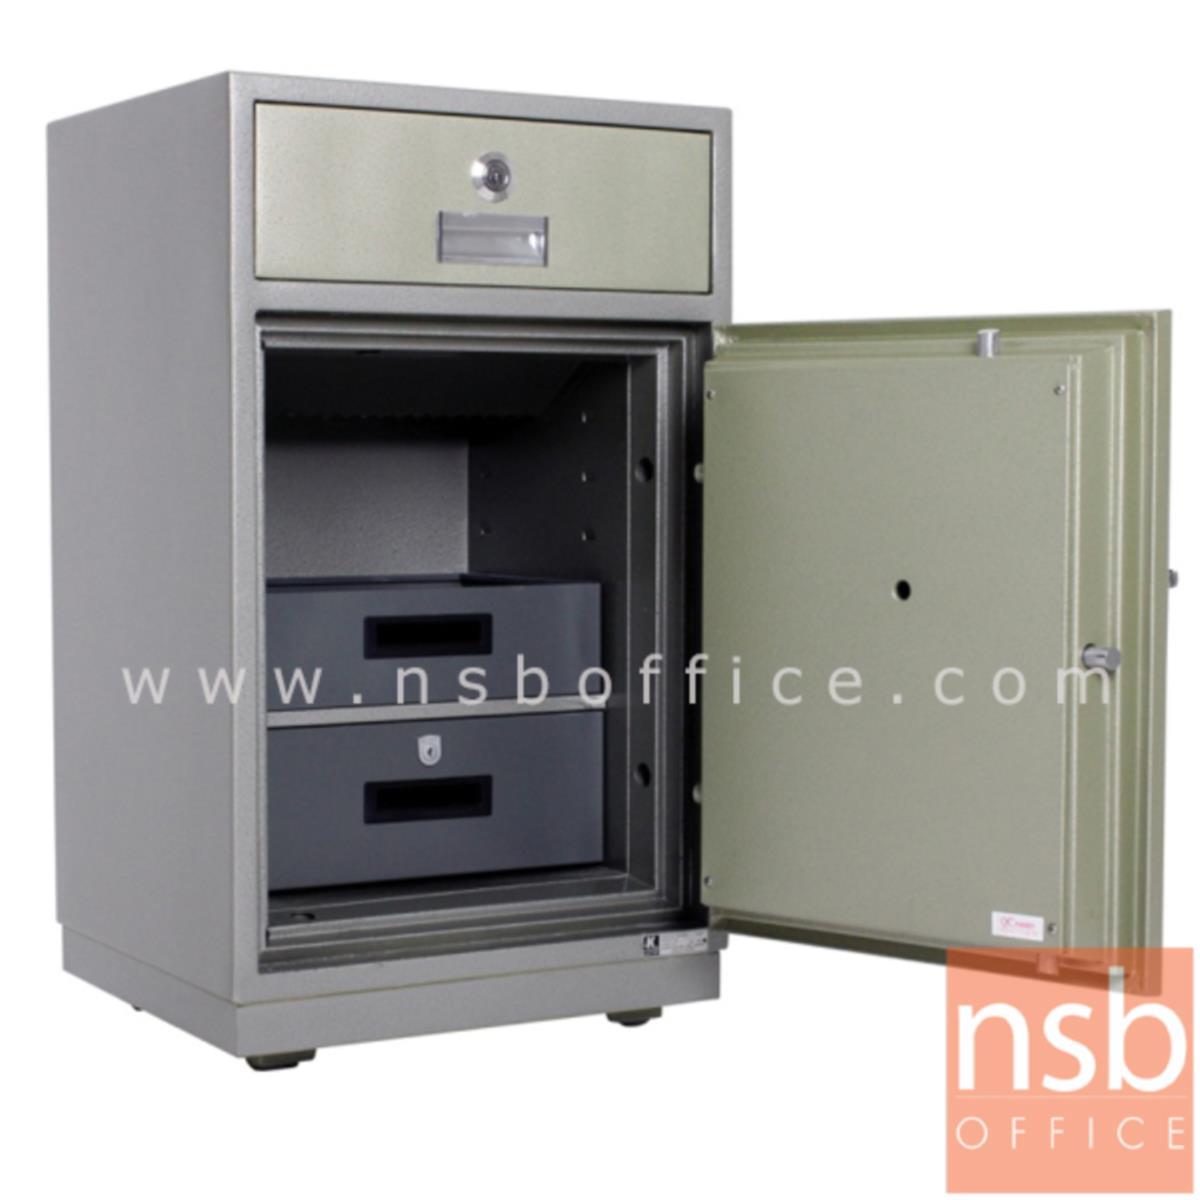 ตู้เซฟแคชเชียร์ 160 กก. ยี่ห้อ KINGDOM รุ่น SAN-8253 (3 กุญแจ 1 รหัส)